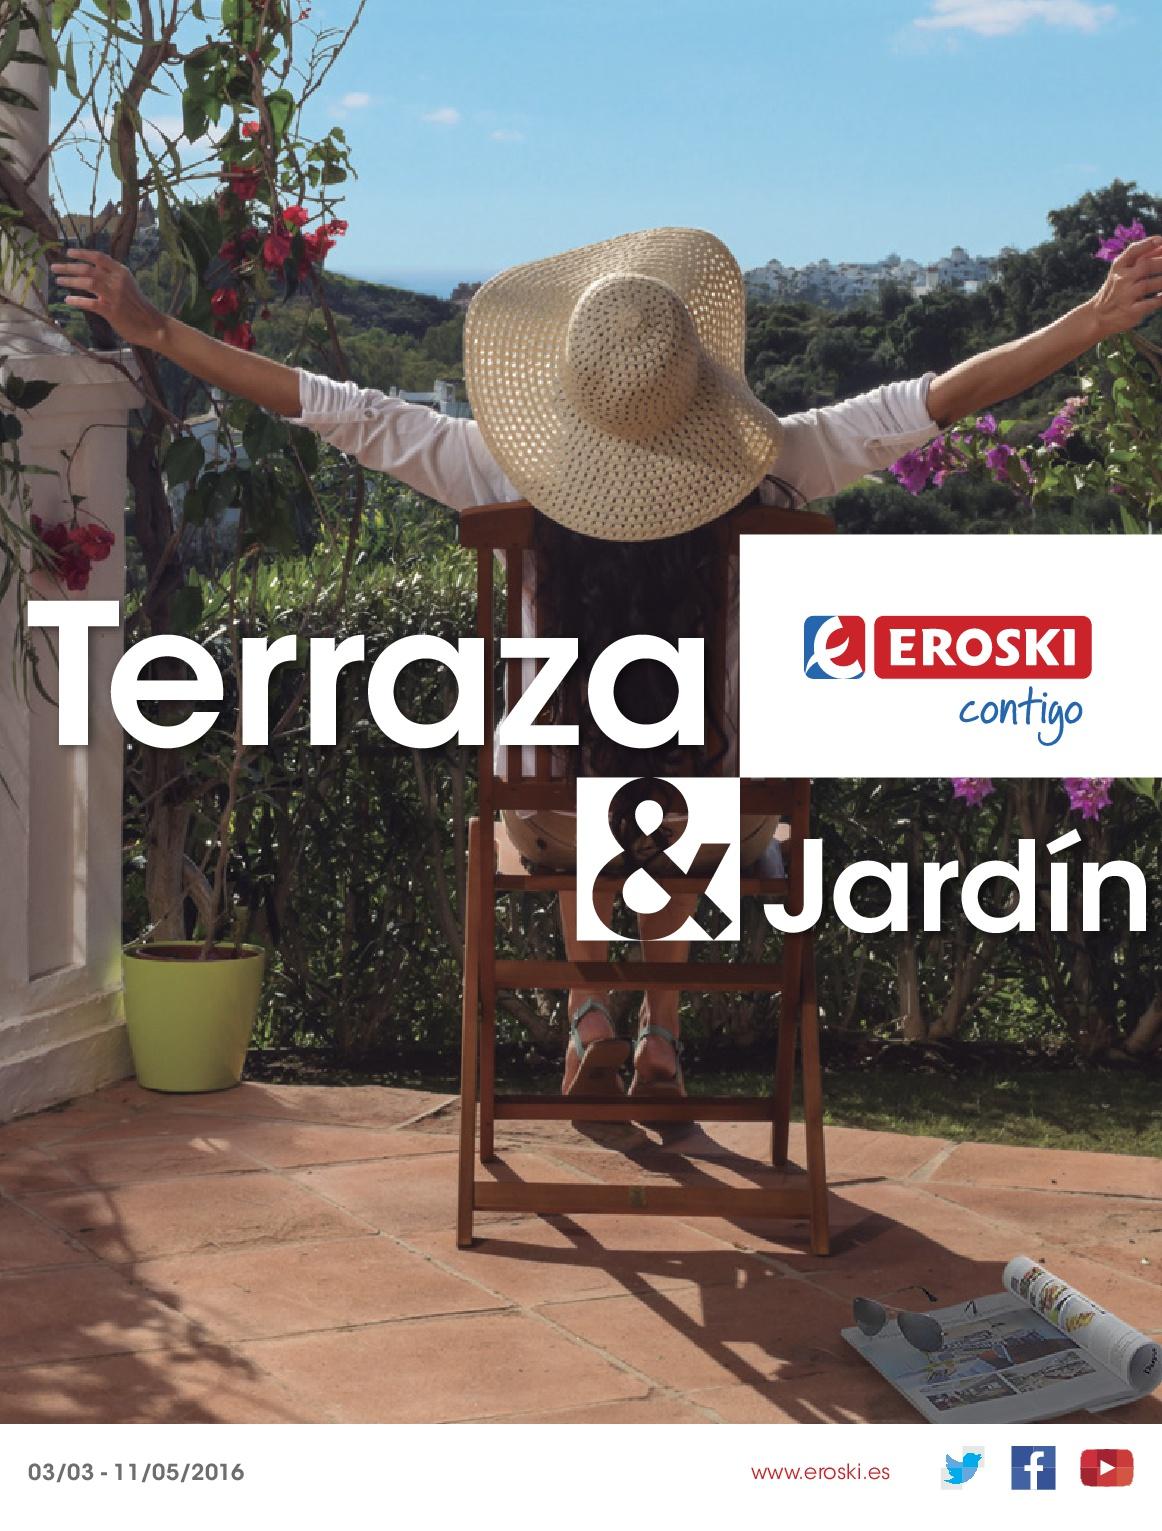 Eroski terraza jardin 20161 - Eroski iluminacion ...